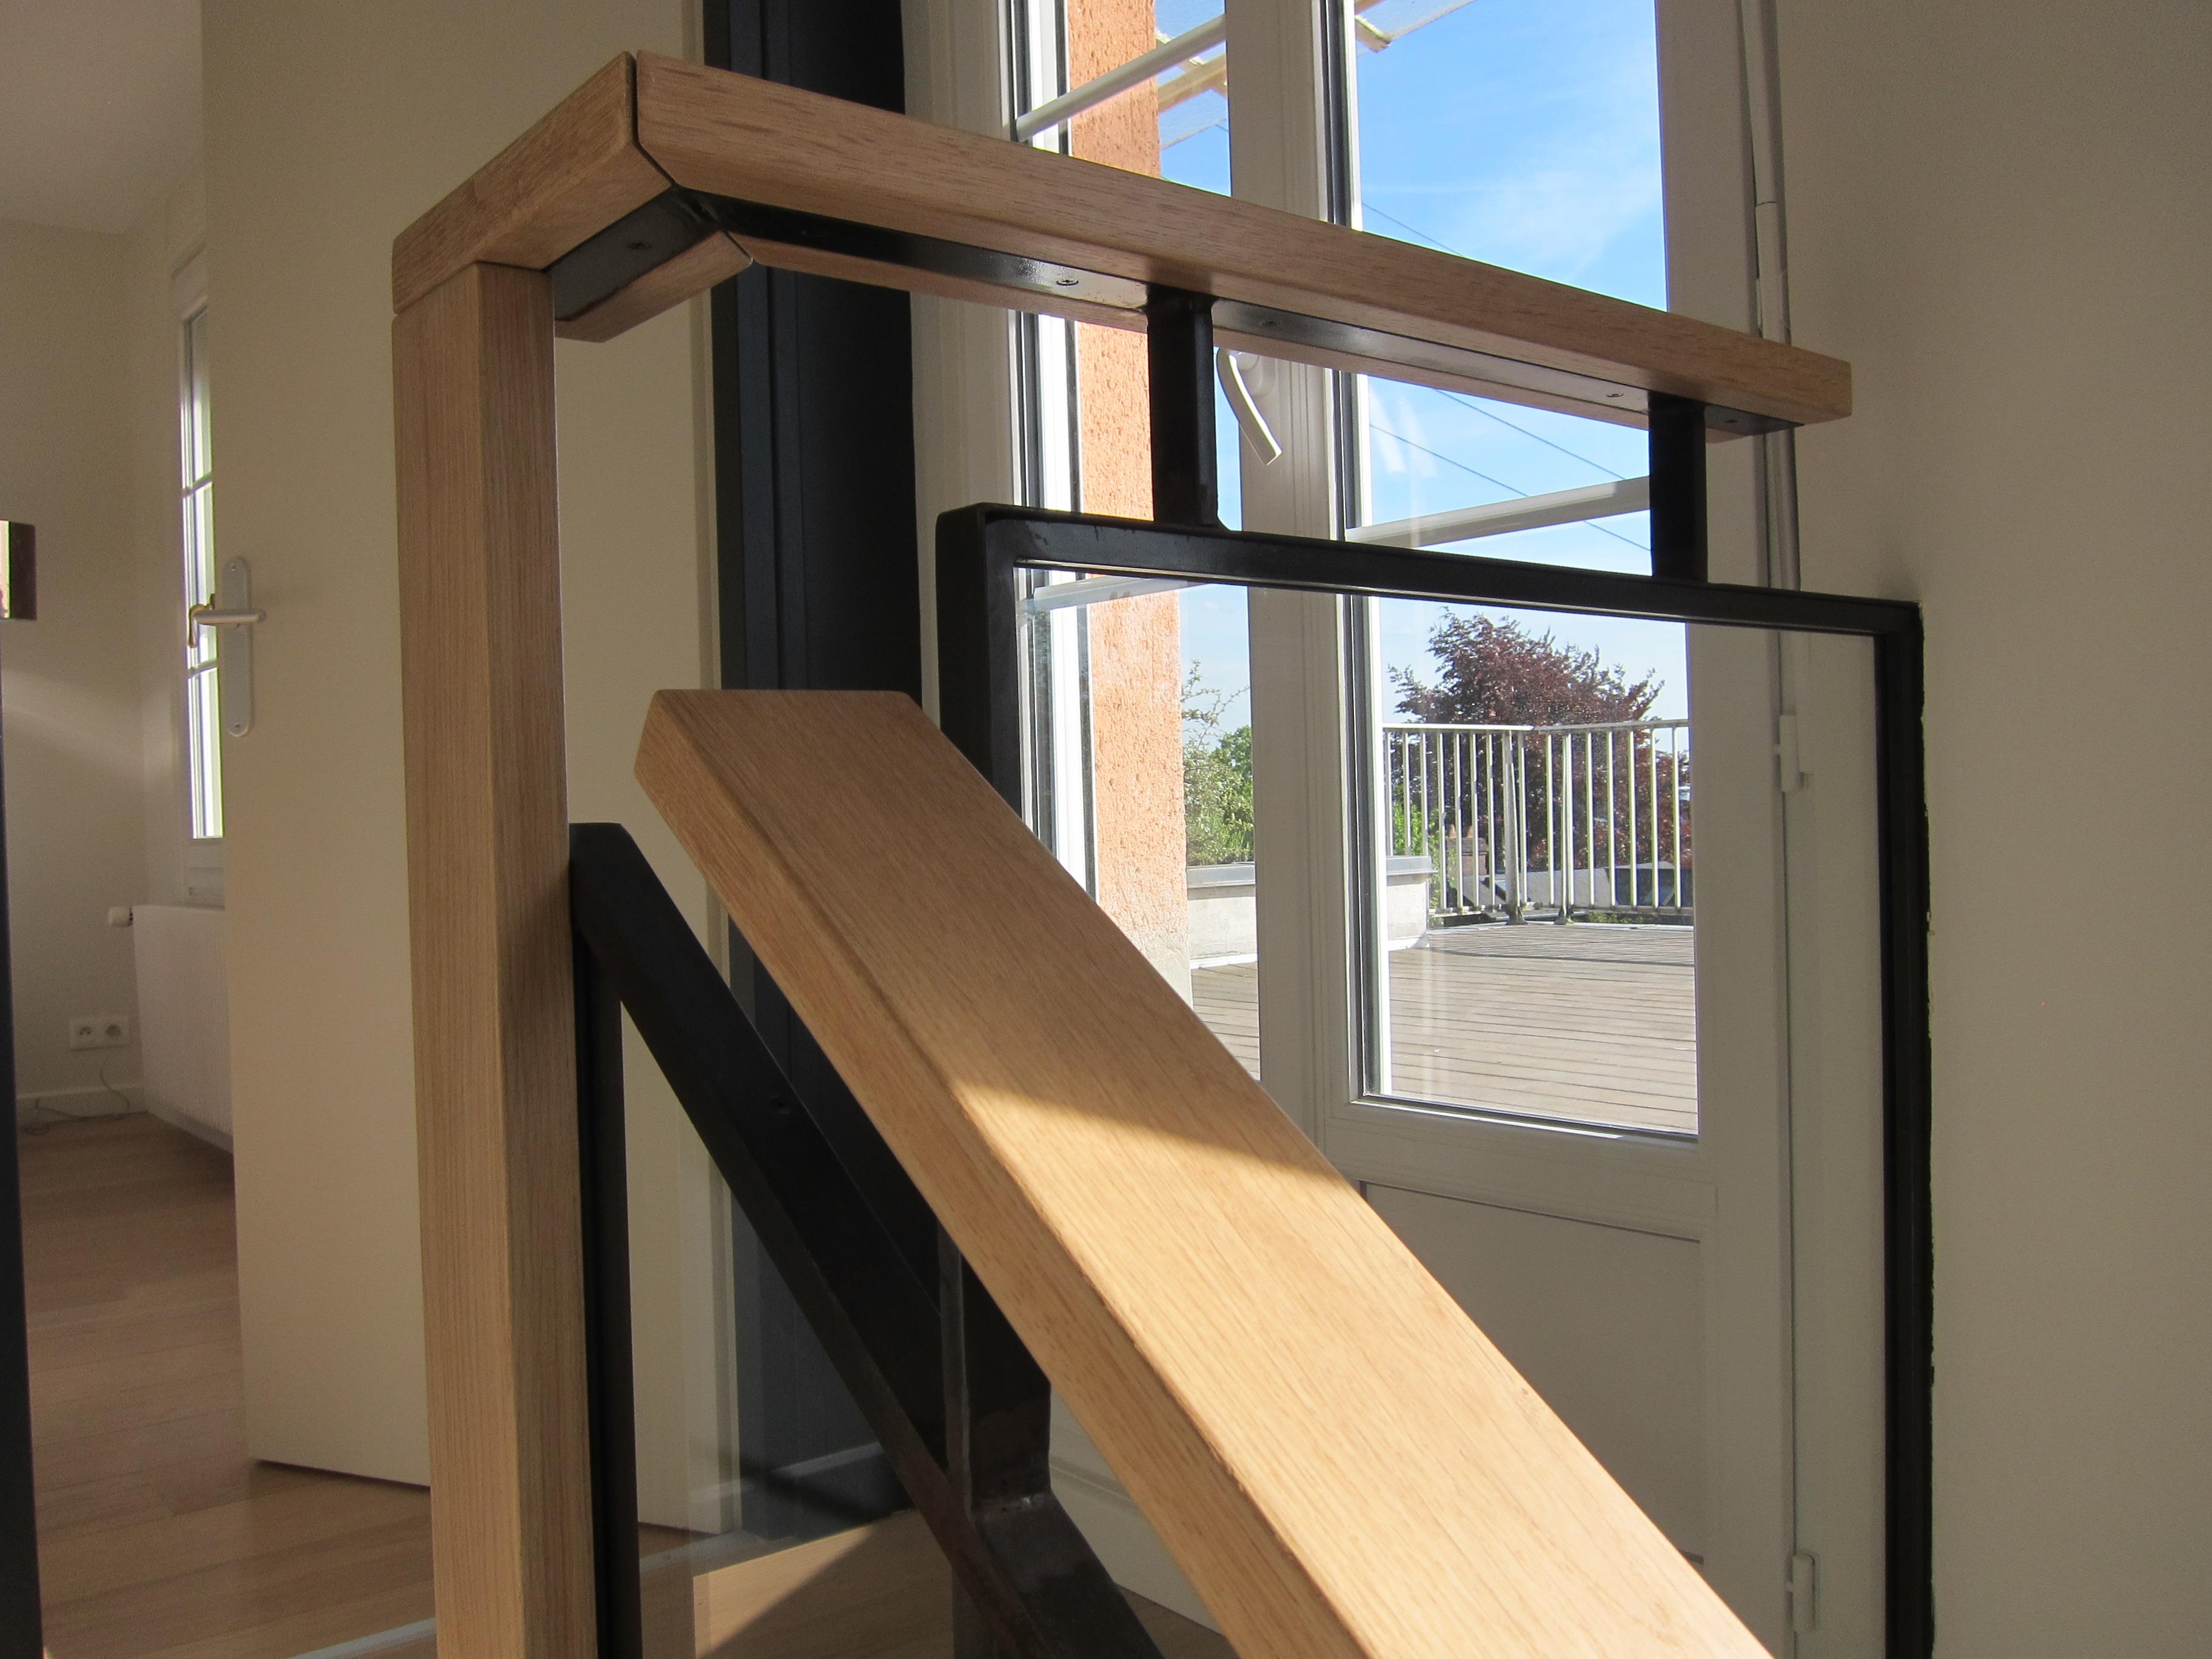 liberty architecte rouen 76 seine maritime 76130 mont saint aignan. Black Bedroom Furniture Sets. Home Design Ideas